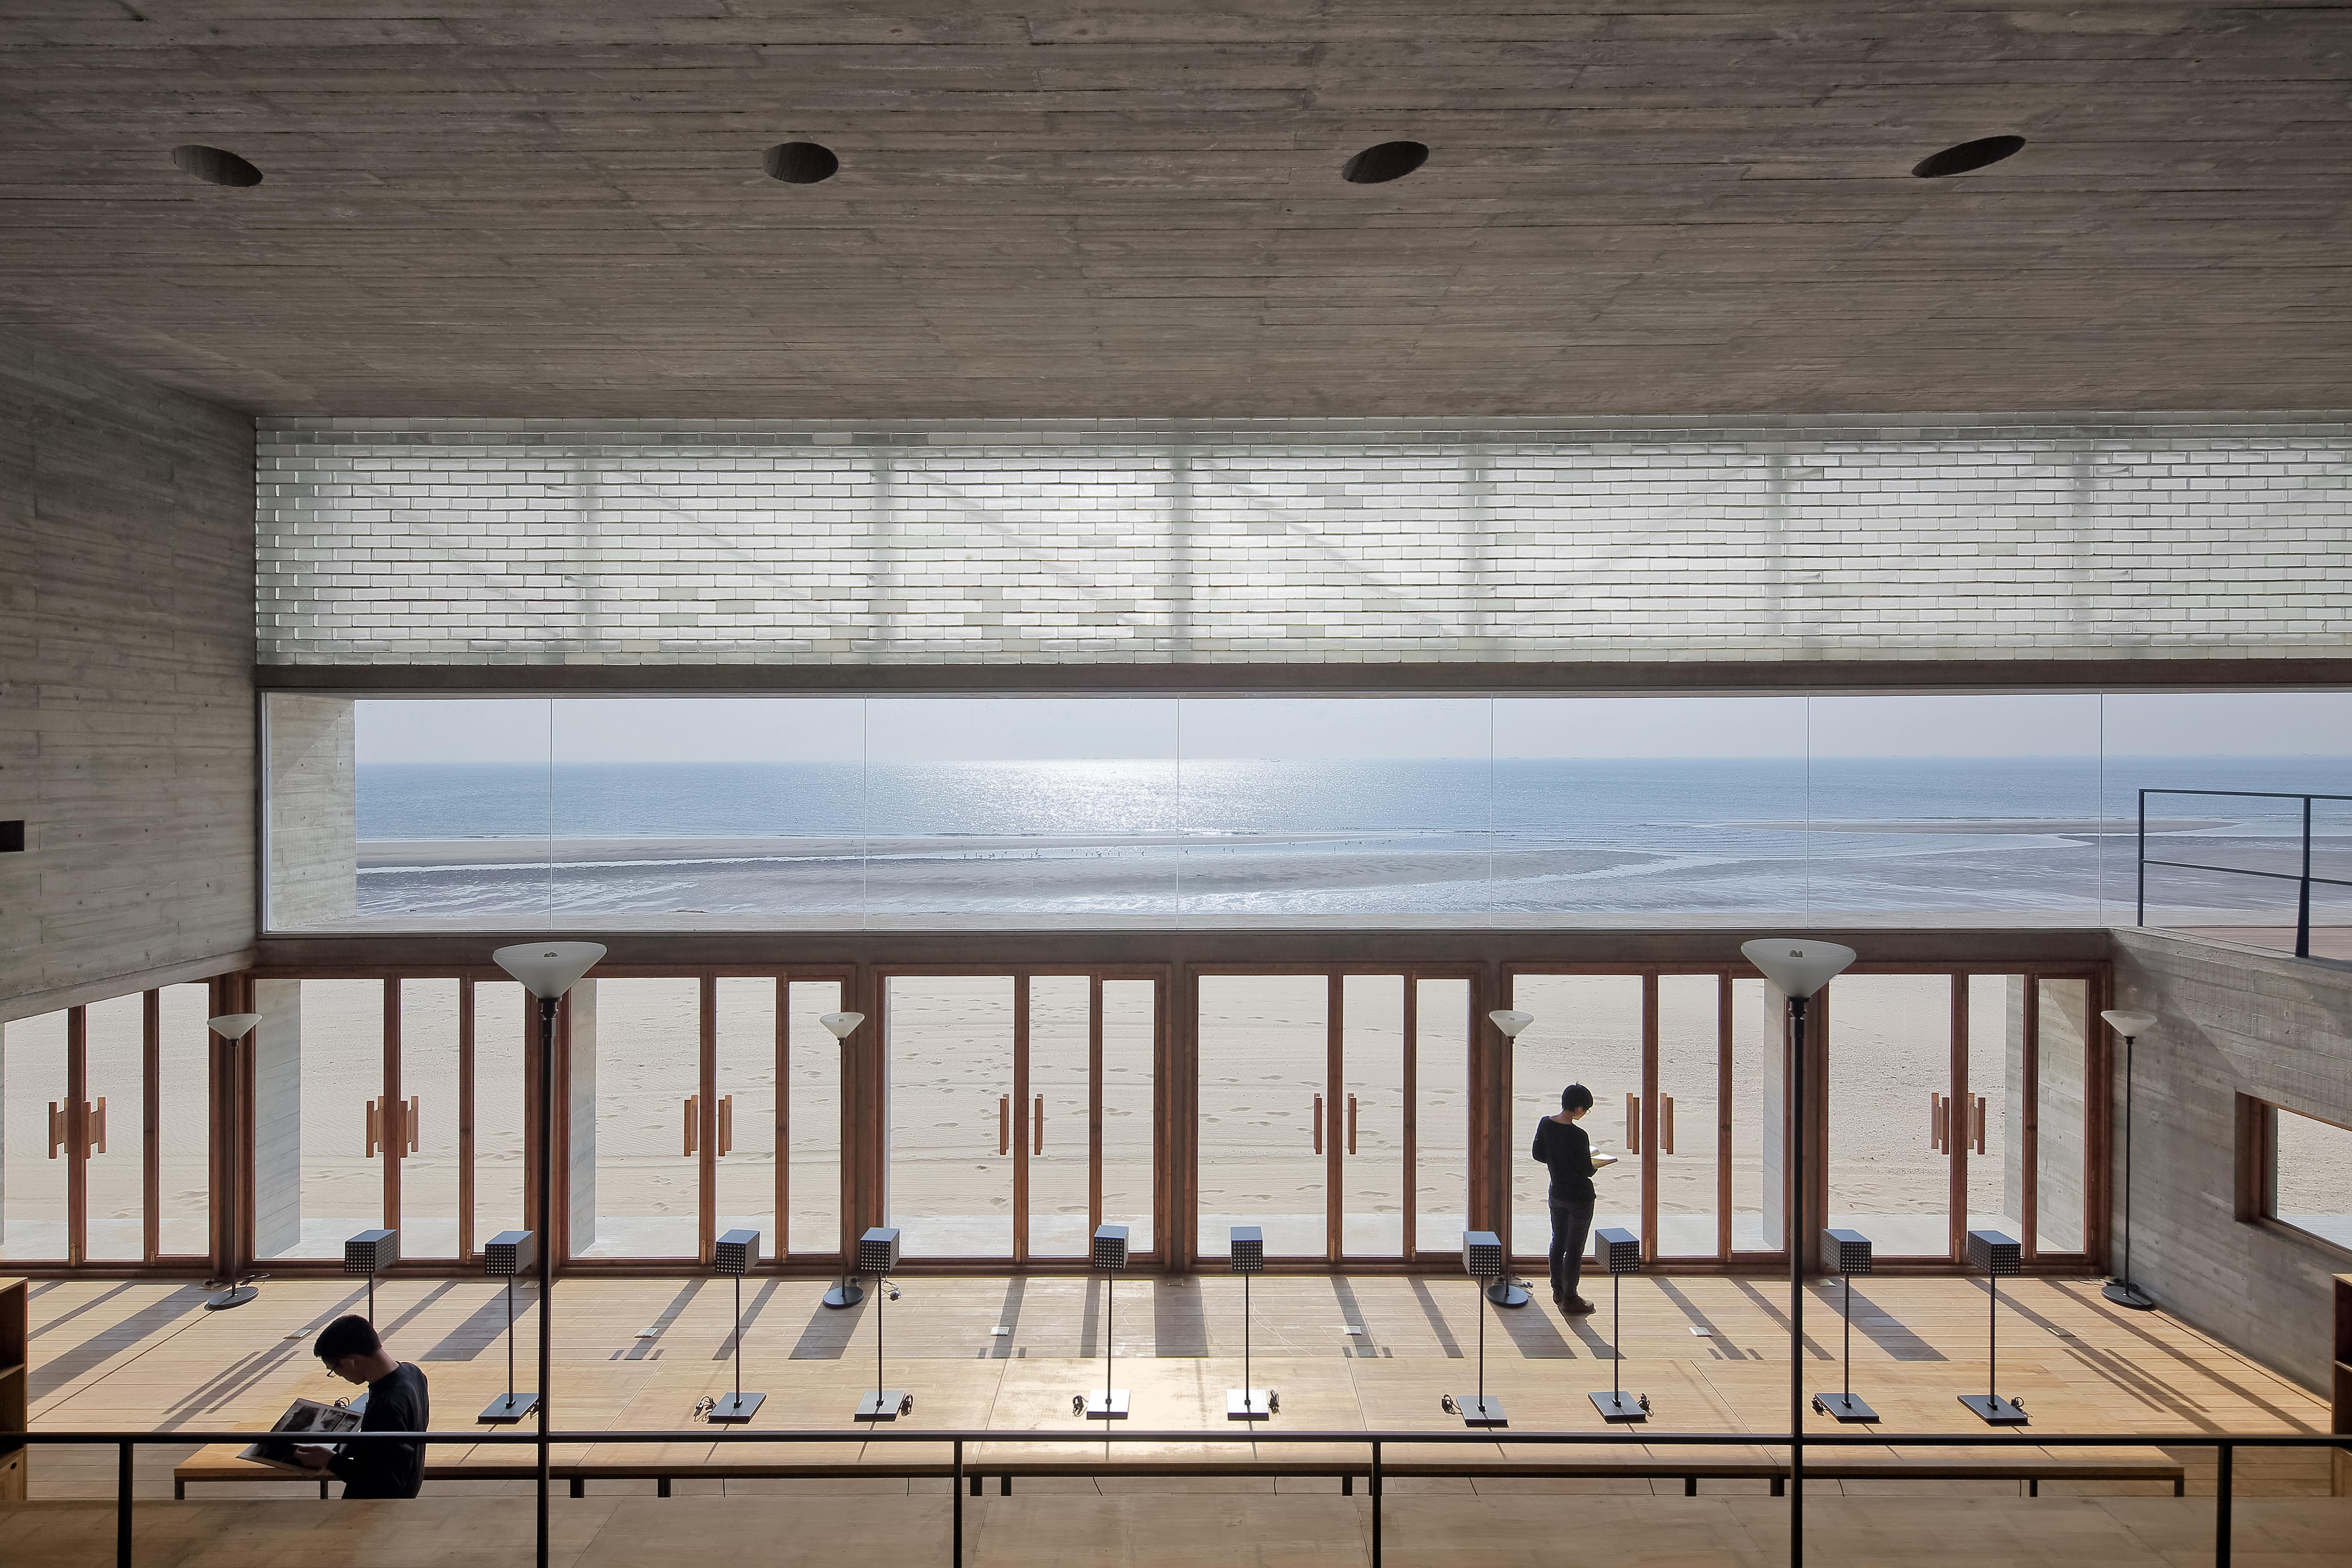 〔안정원의 디자인 칼럼〕 해변 도서관에 바다의 풍경과 빛과 소리의 언어를 담다 1